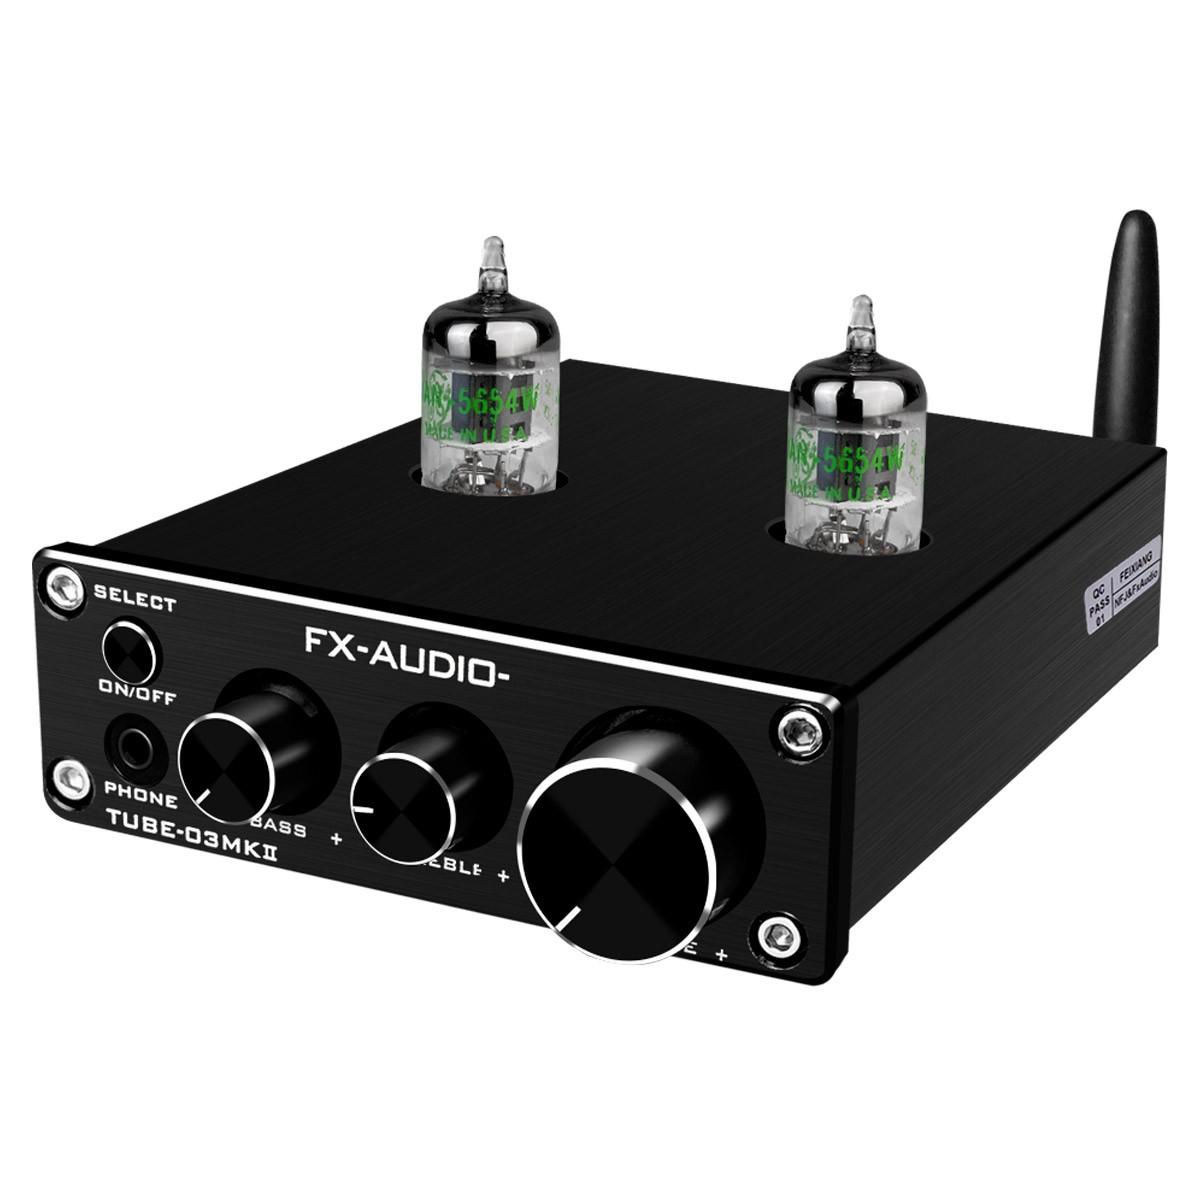 FX-AUDIO TUBE-03 MKII Préamplificateur à Tubes Stéréo 5654 Bluetooth 5.0 Noir